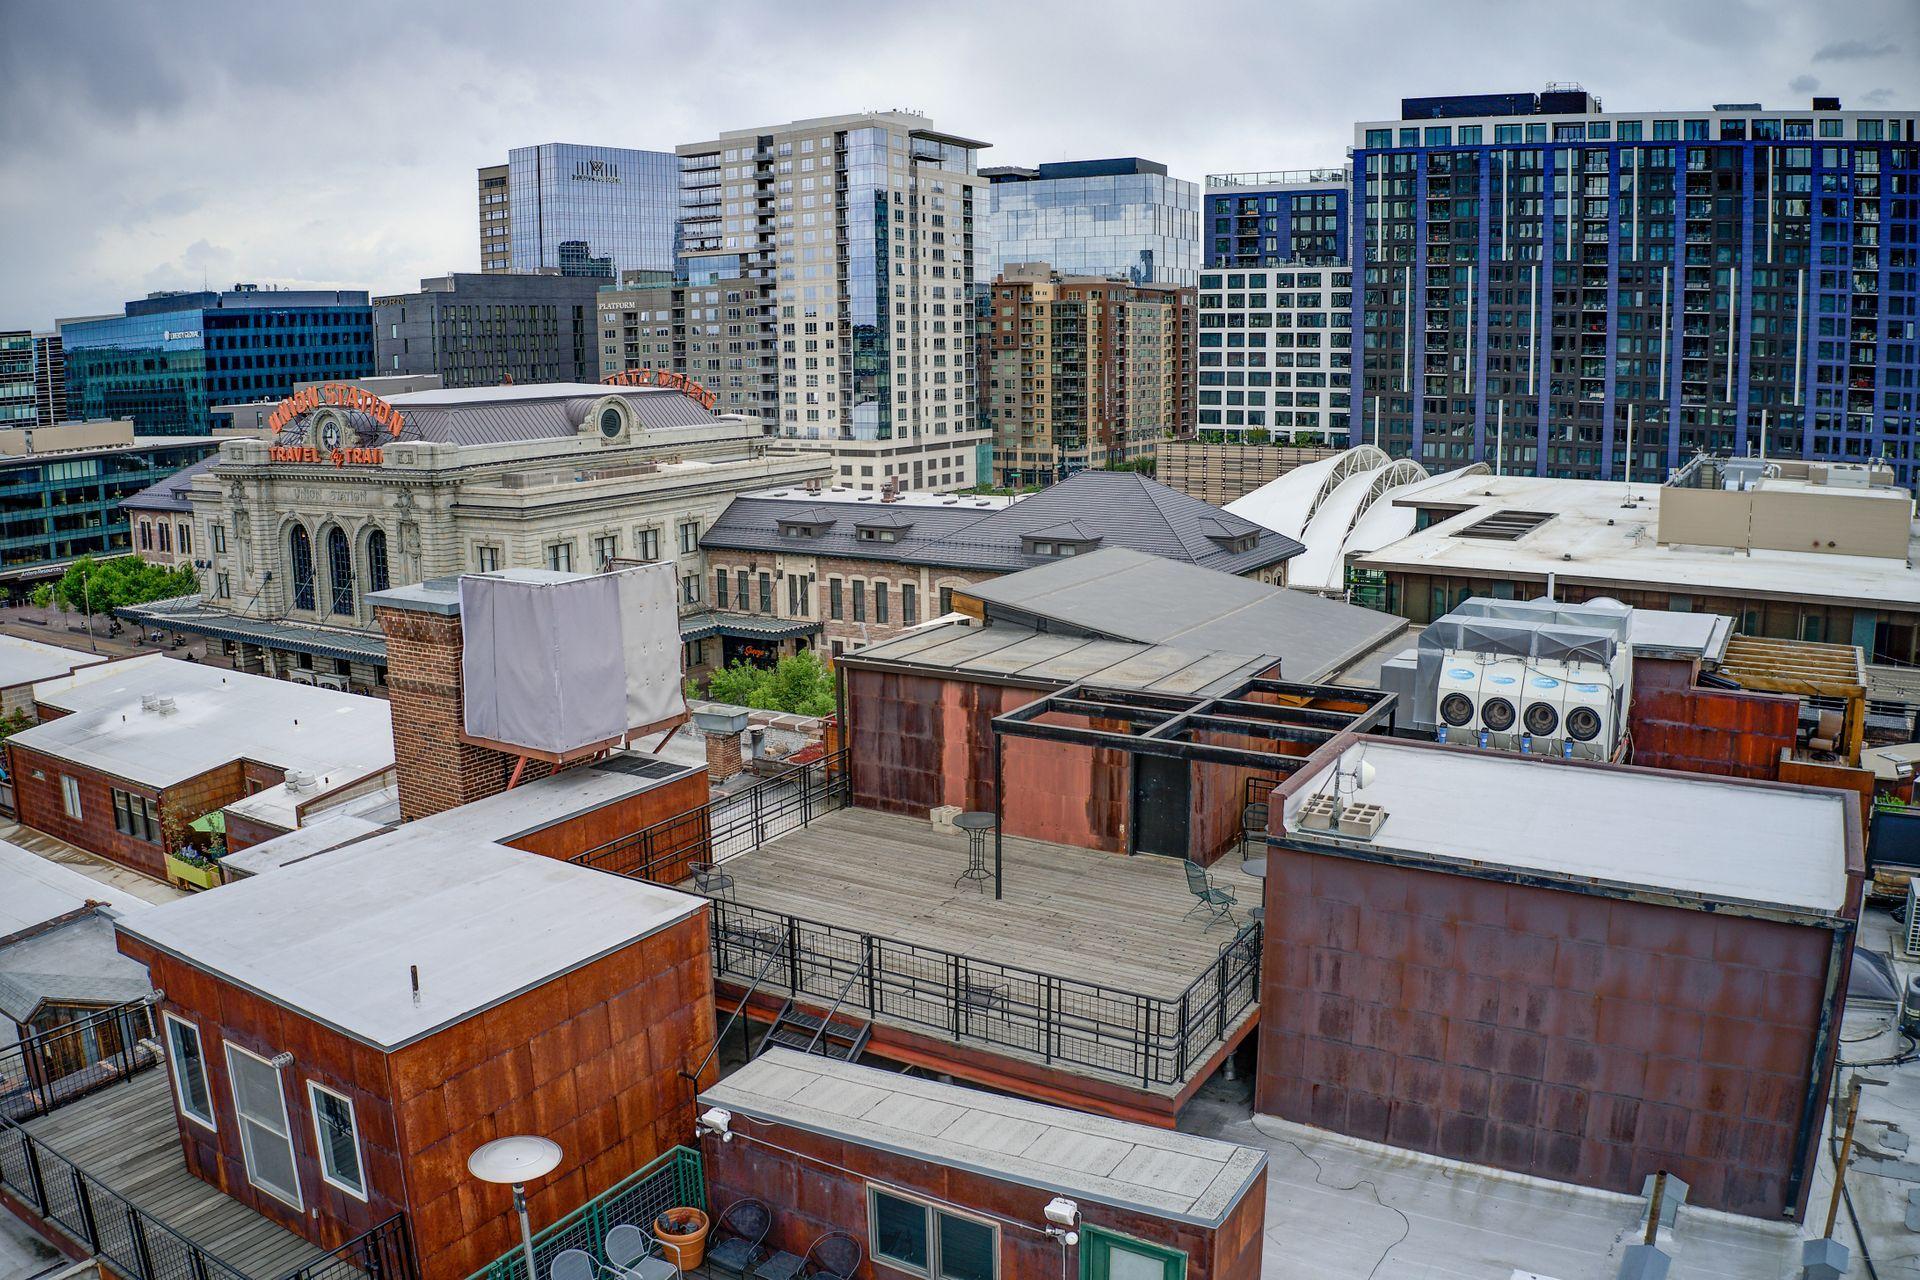 1792 Wynkoop Street, #502 top view